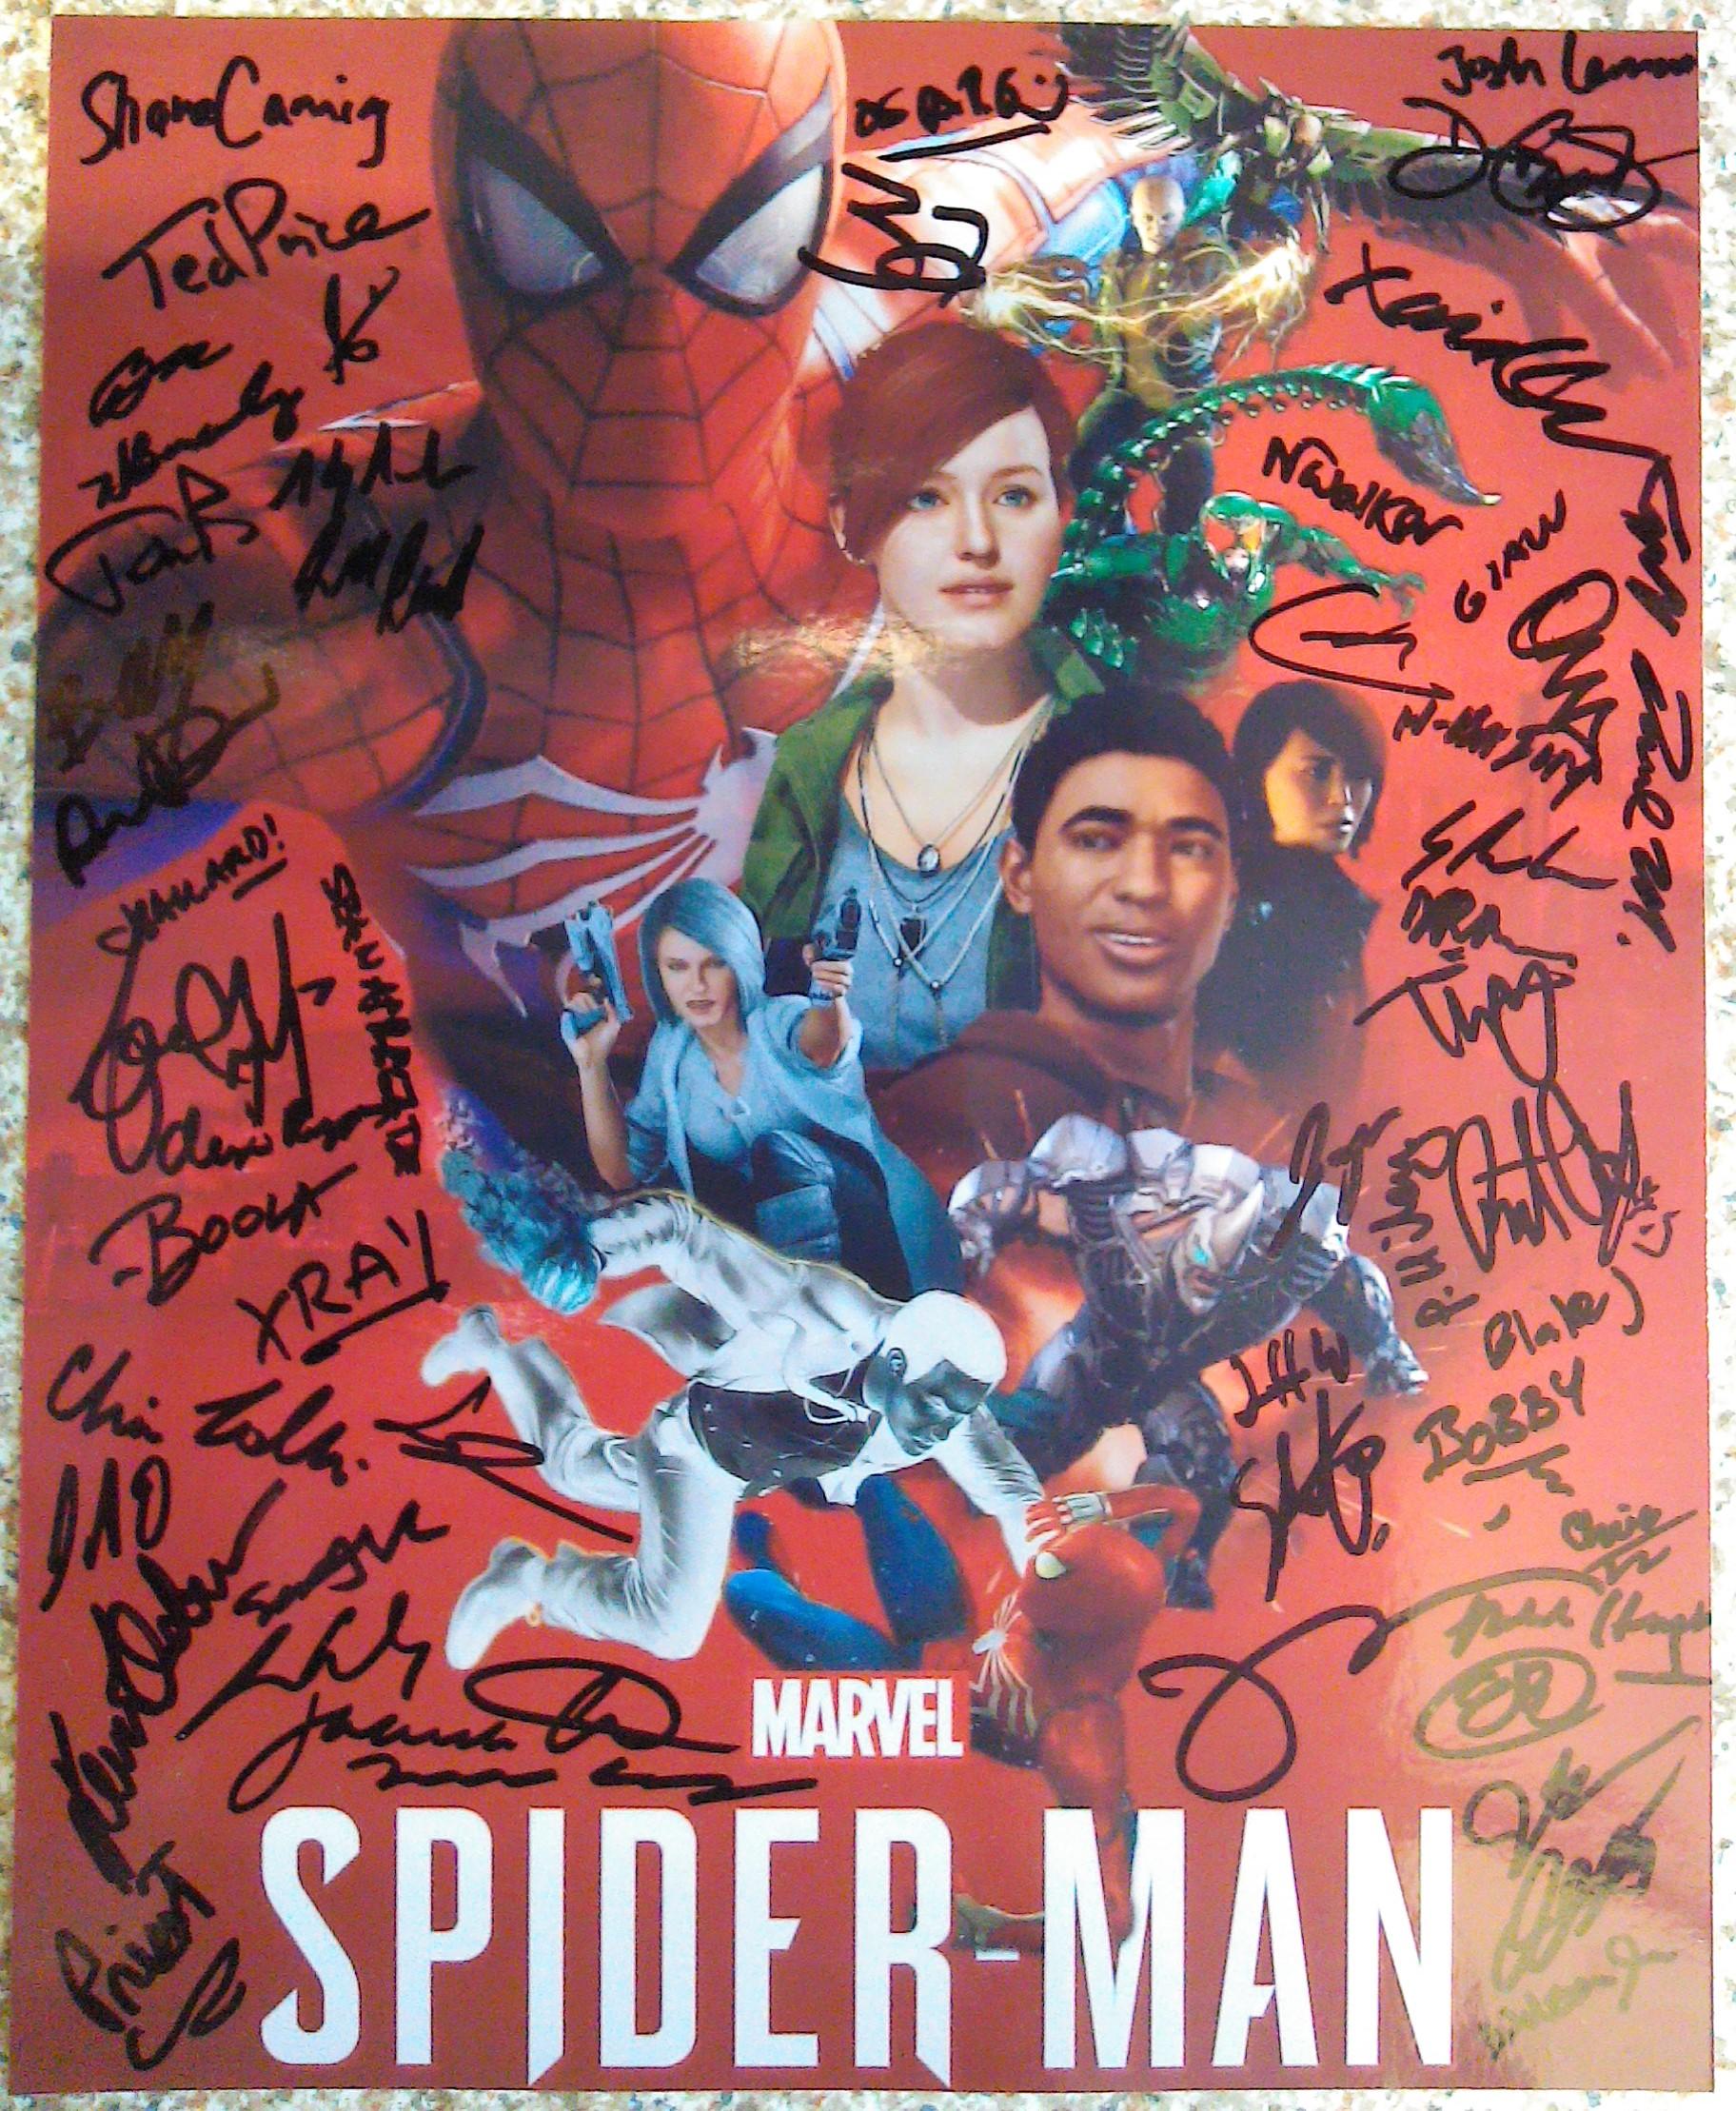 Spider-Man - Insomniac Games